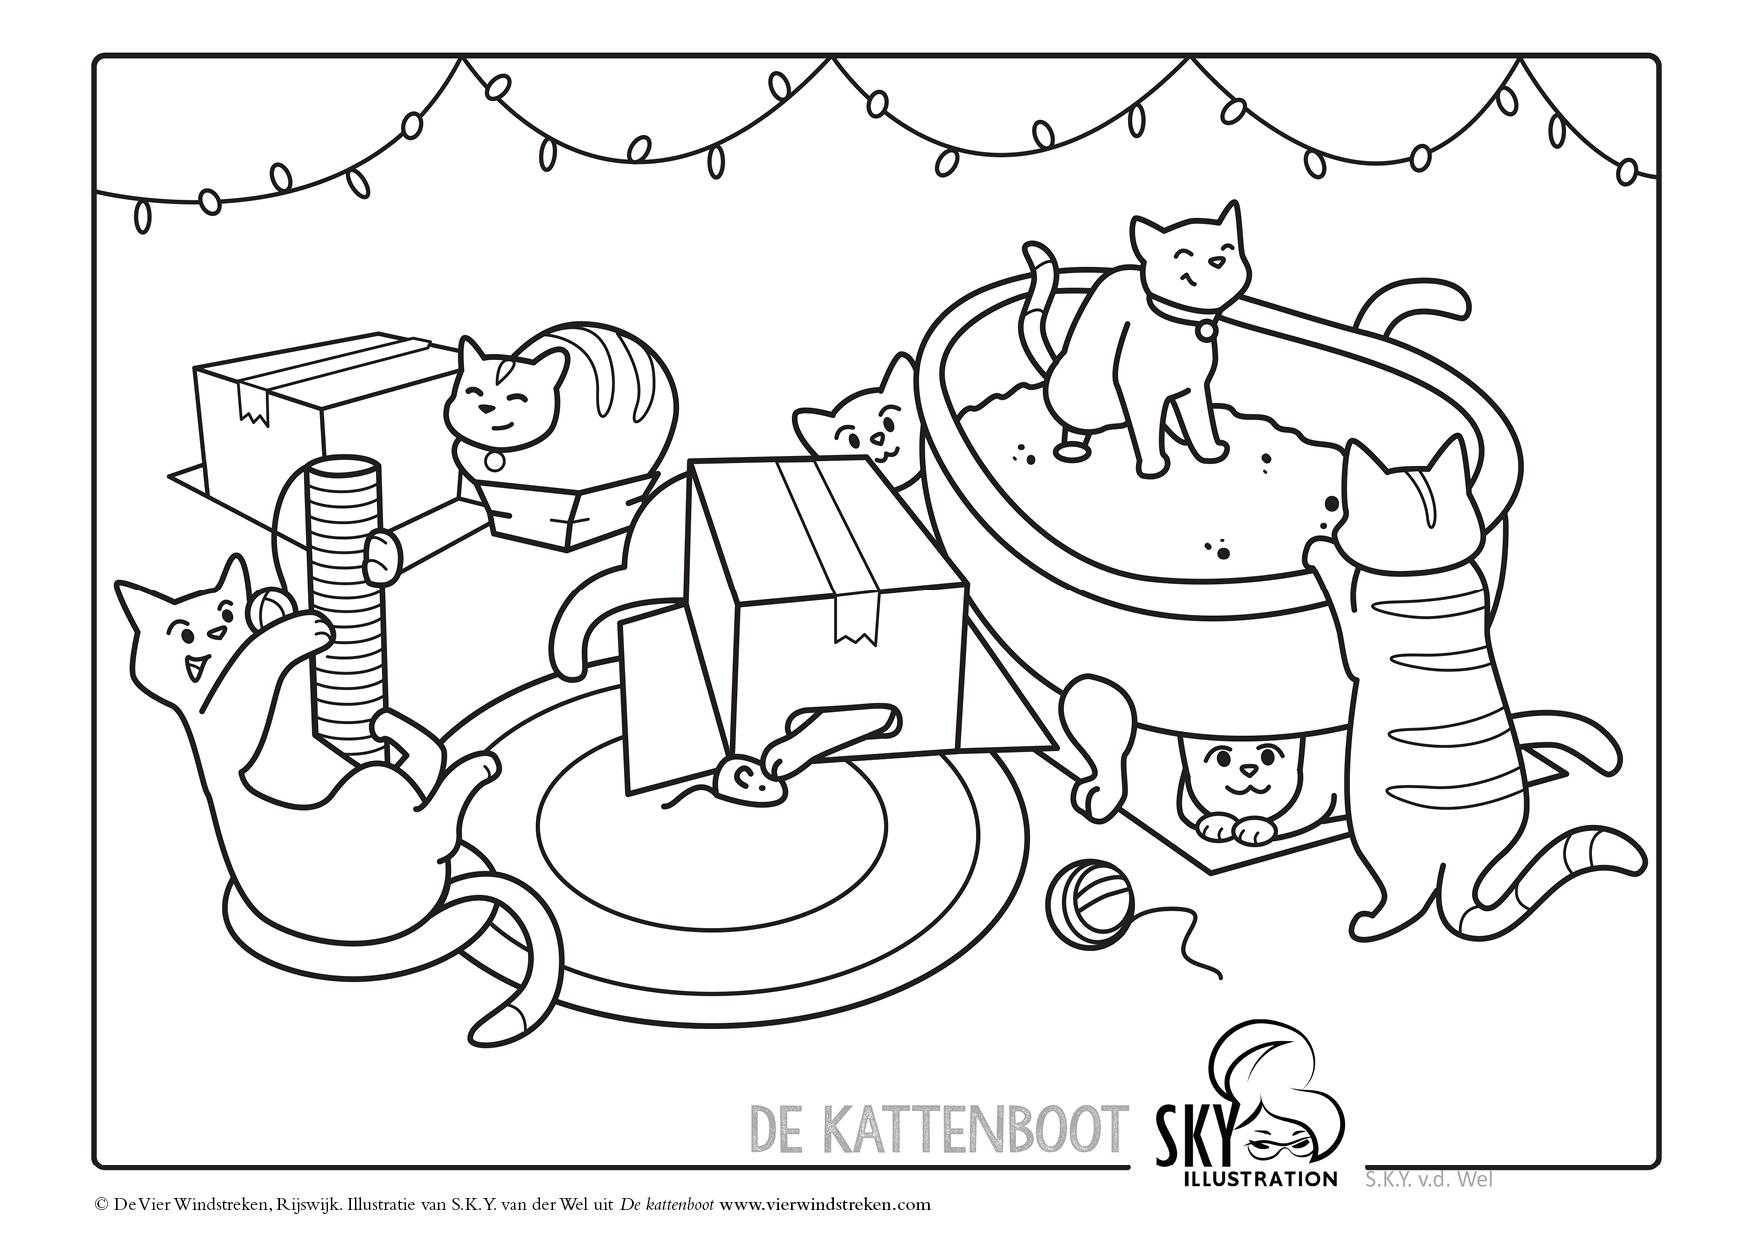 Kleurplaat De kattenboot